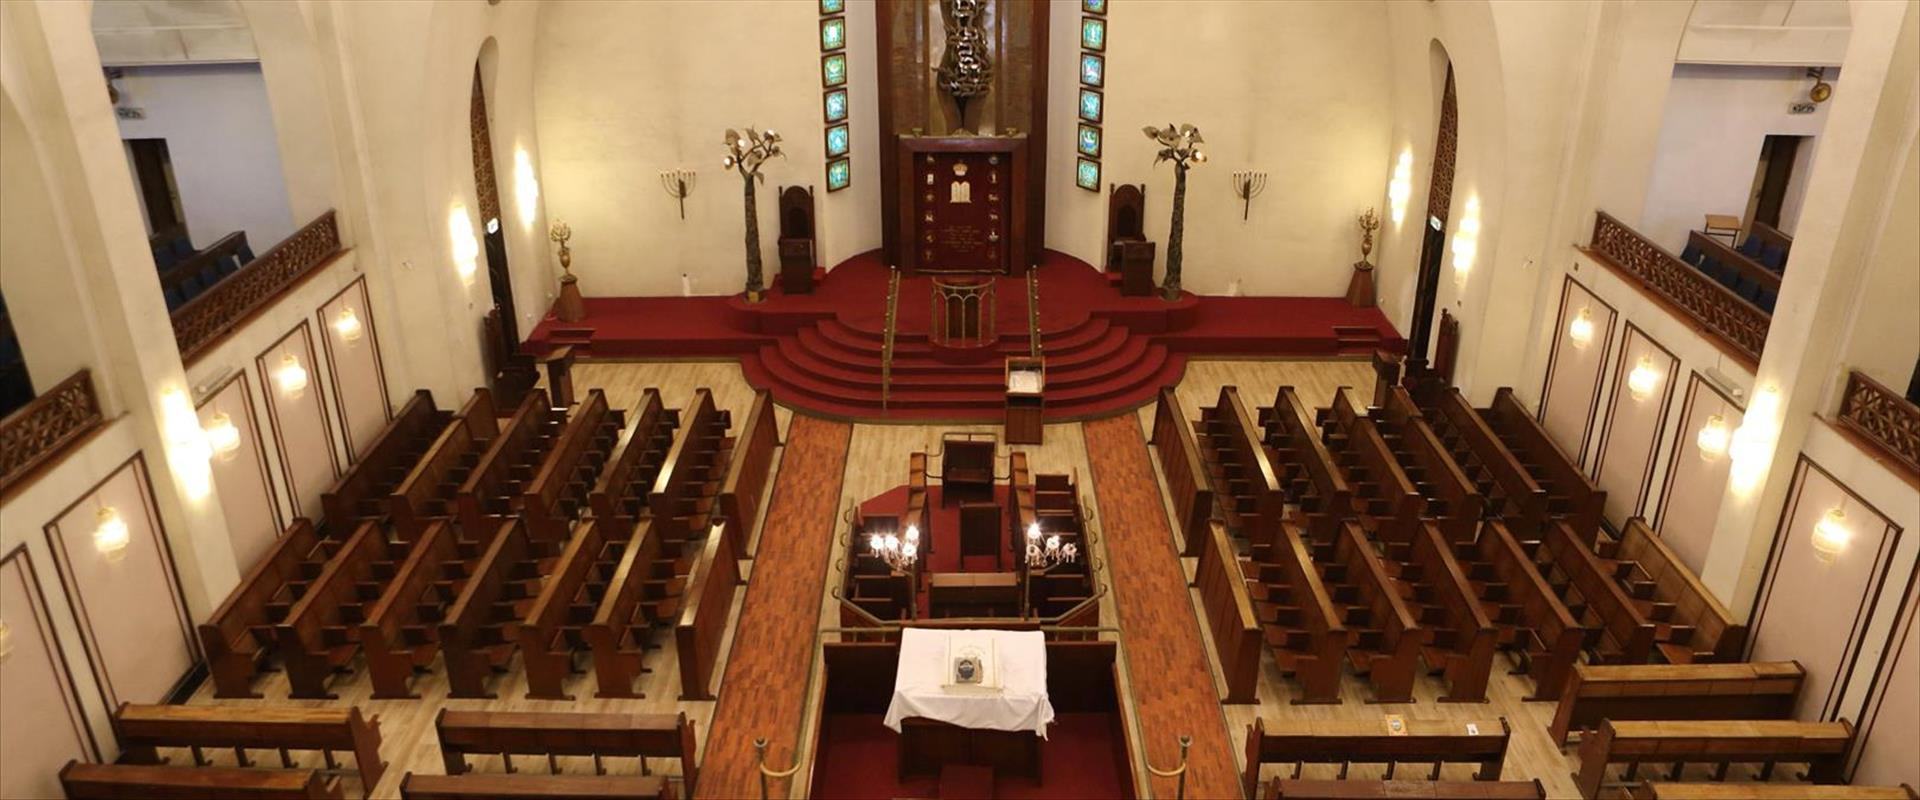 Soldats de Tsahal doivent payer 10 NIs pour rentrer dans la synagogue de Tel Aviv